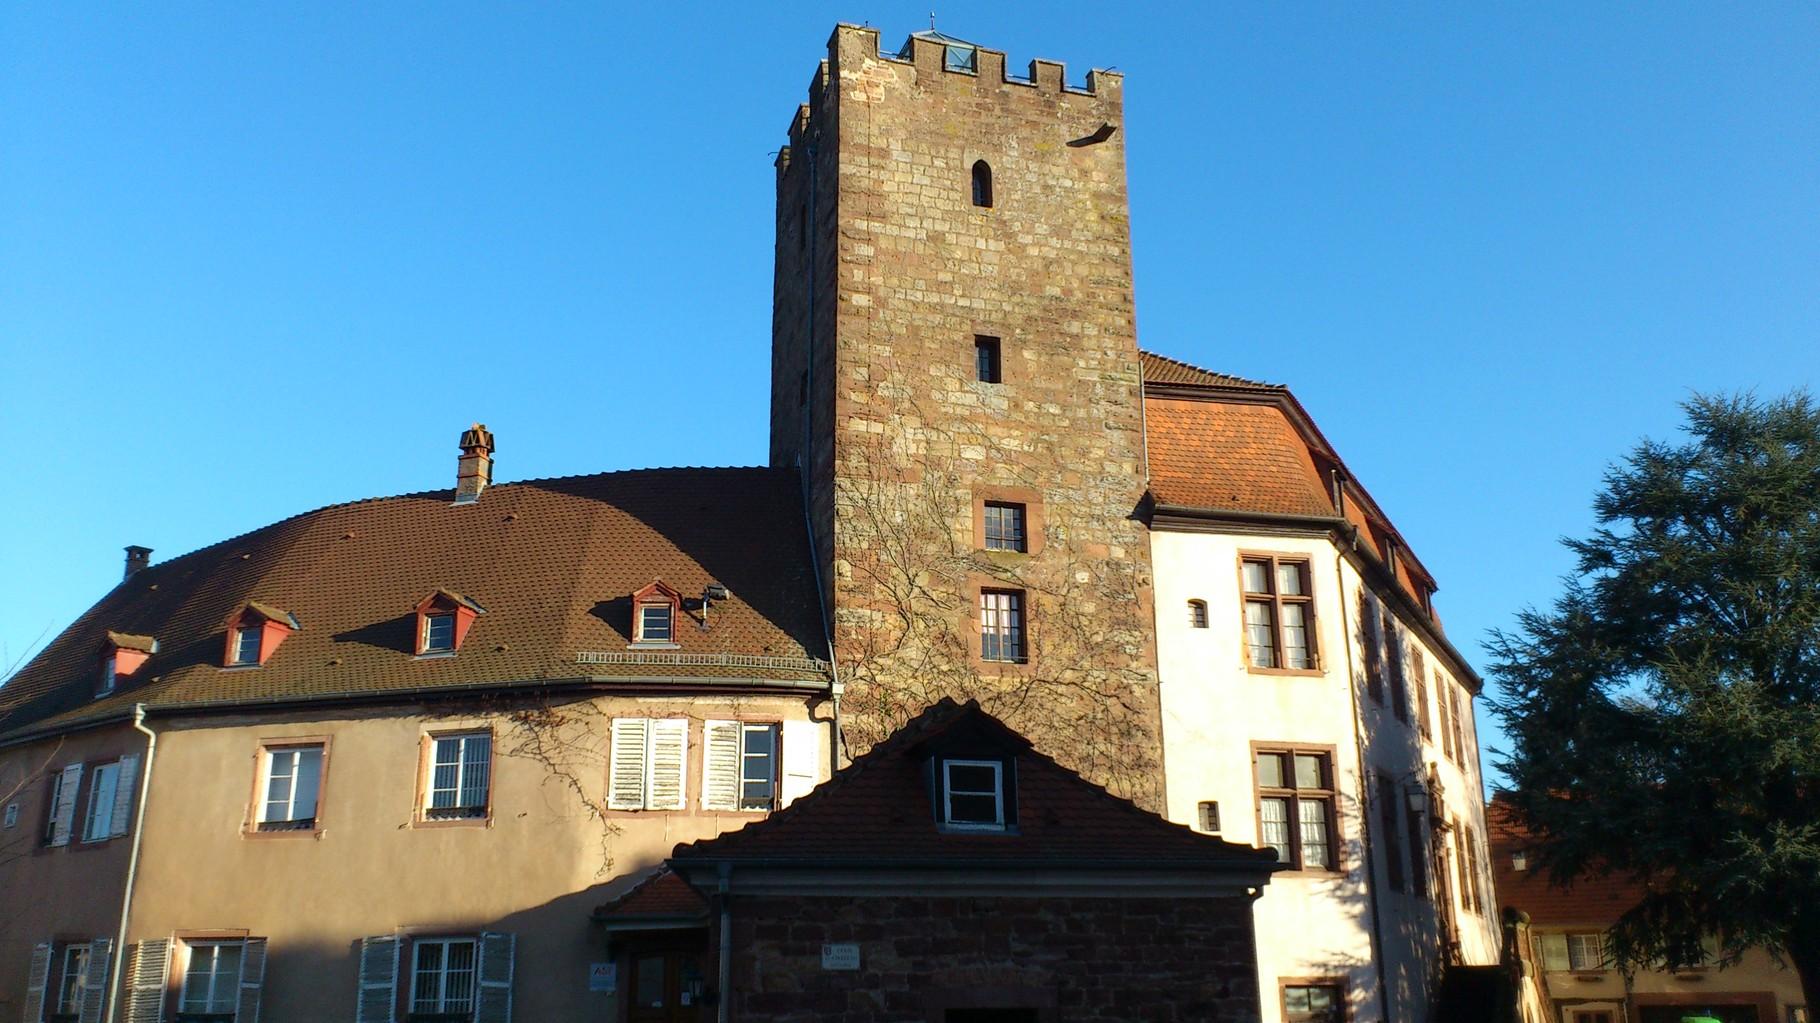 Mairie-Château - Musée de Wœrth